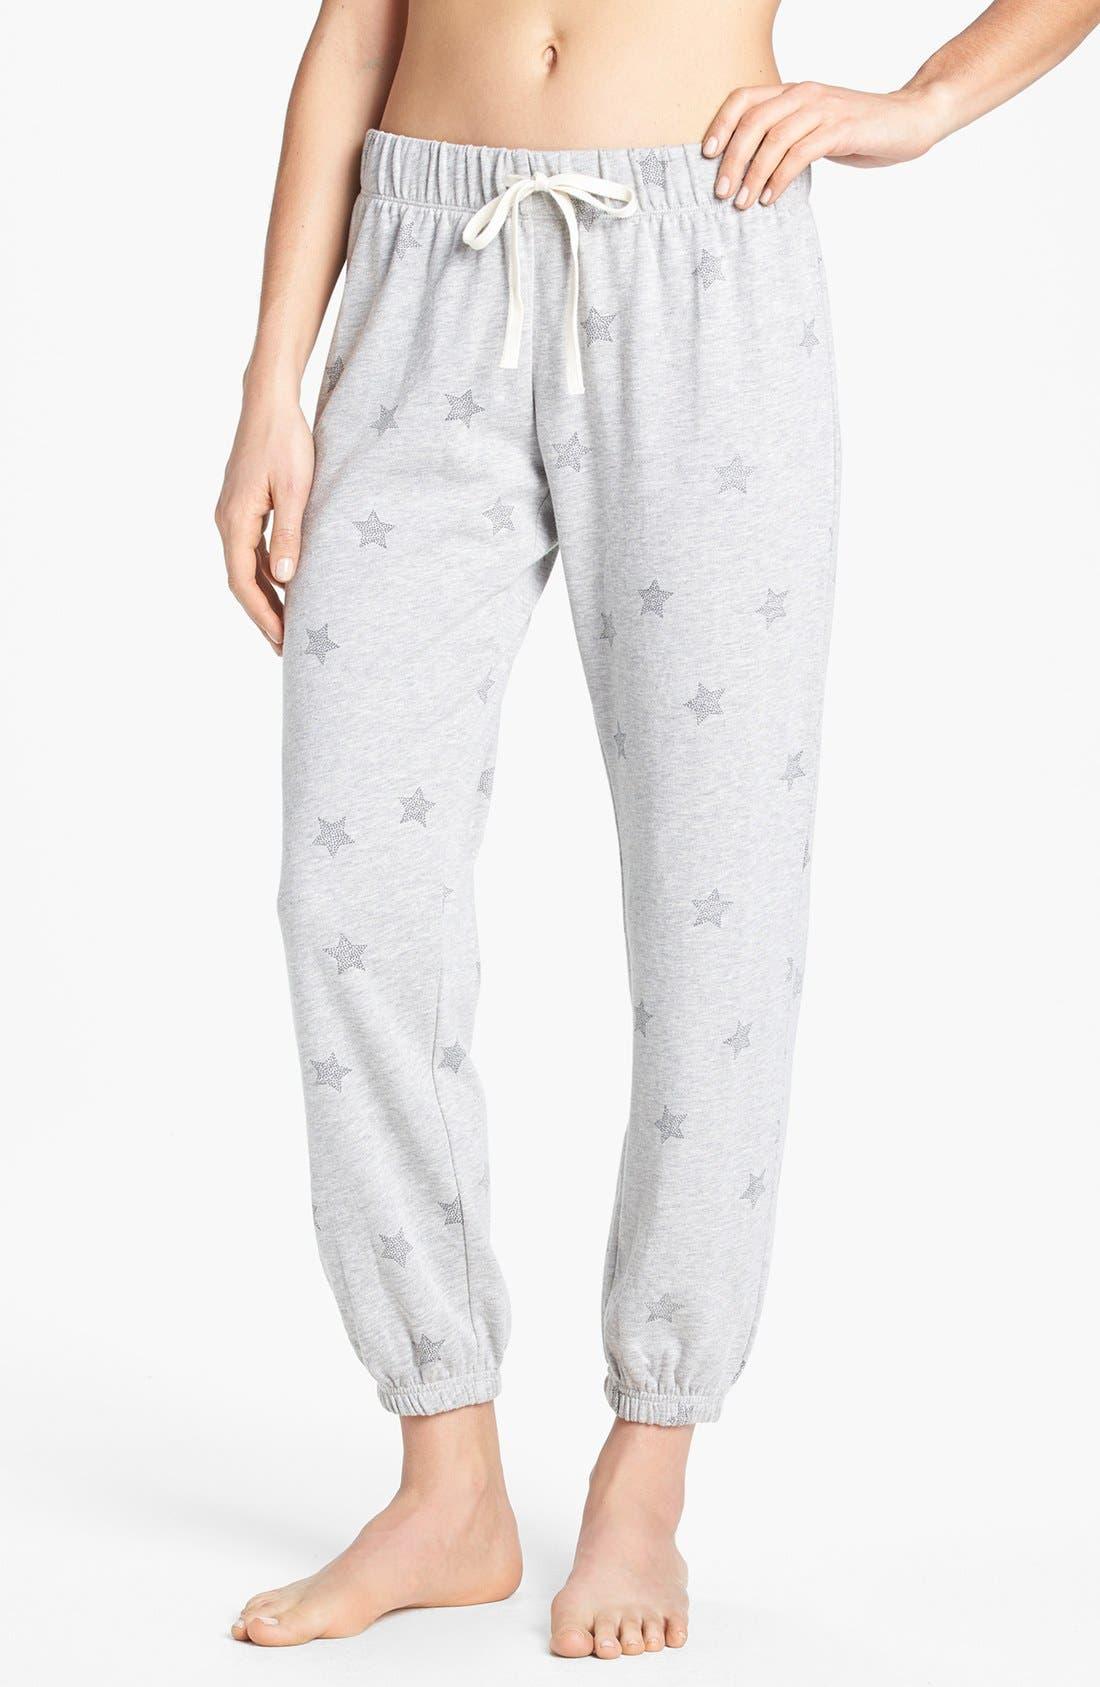 Main Image - Make + Model 'Jogger' Fleece Pants